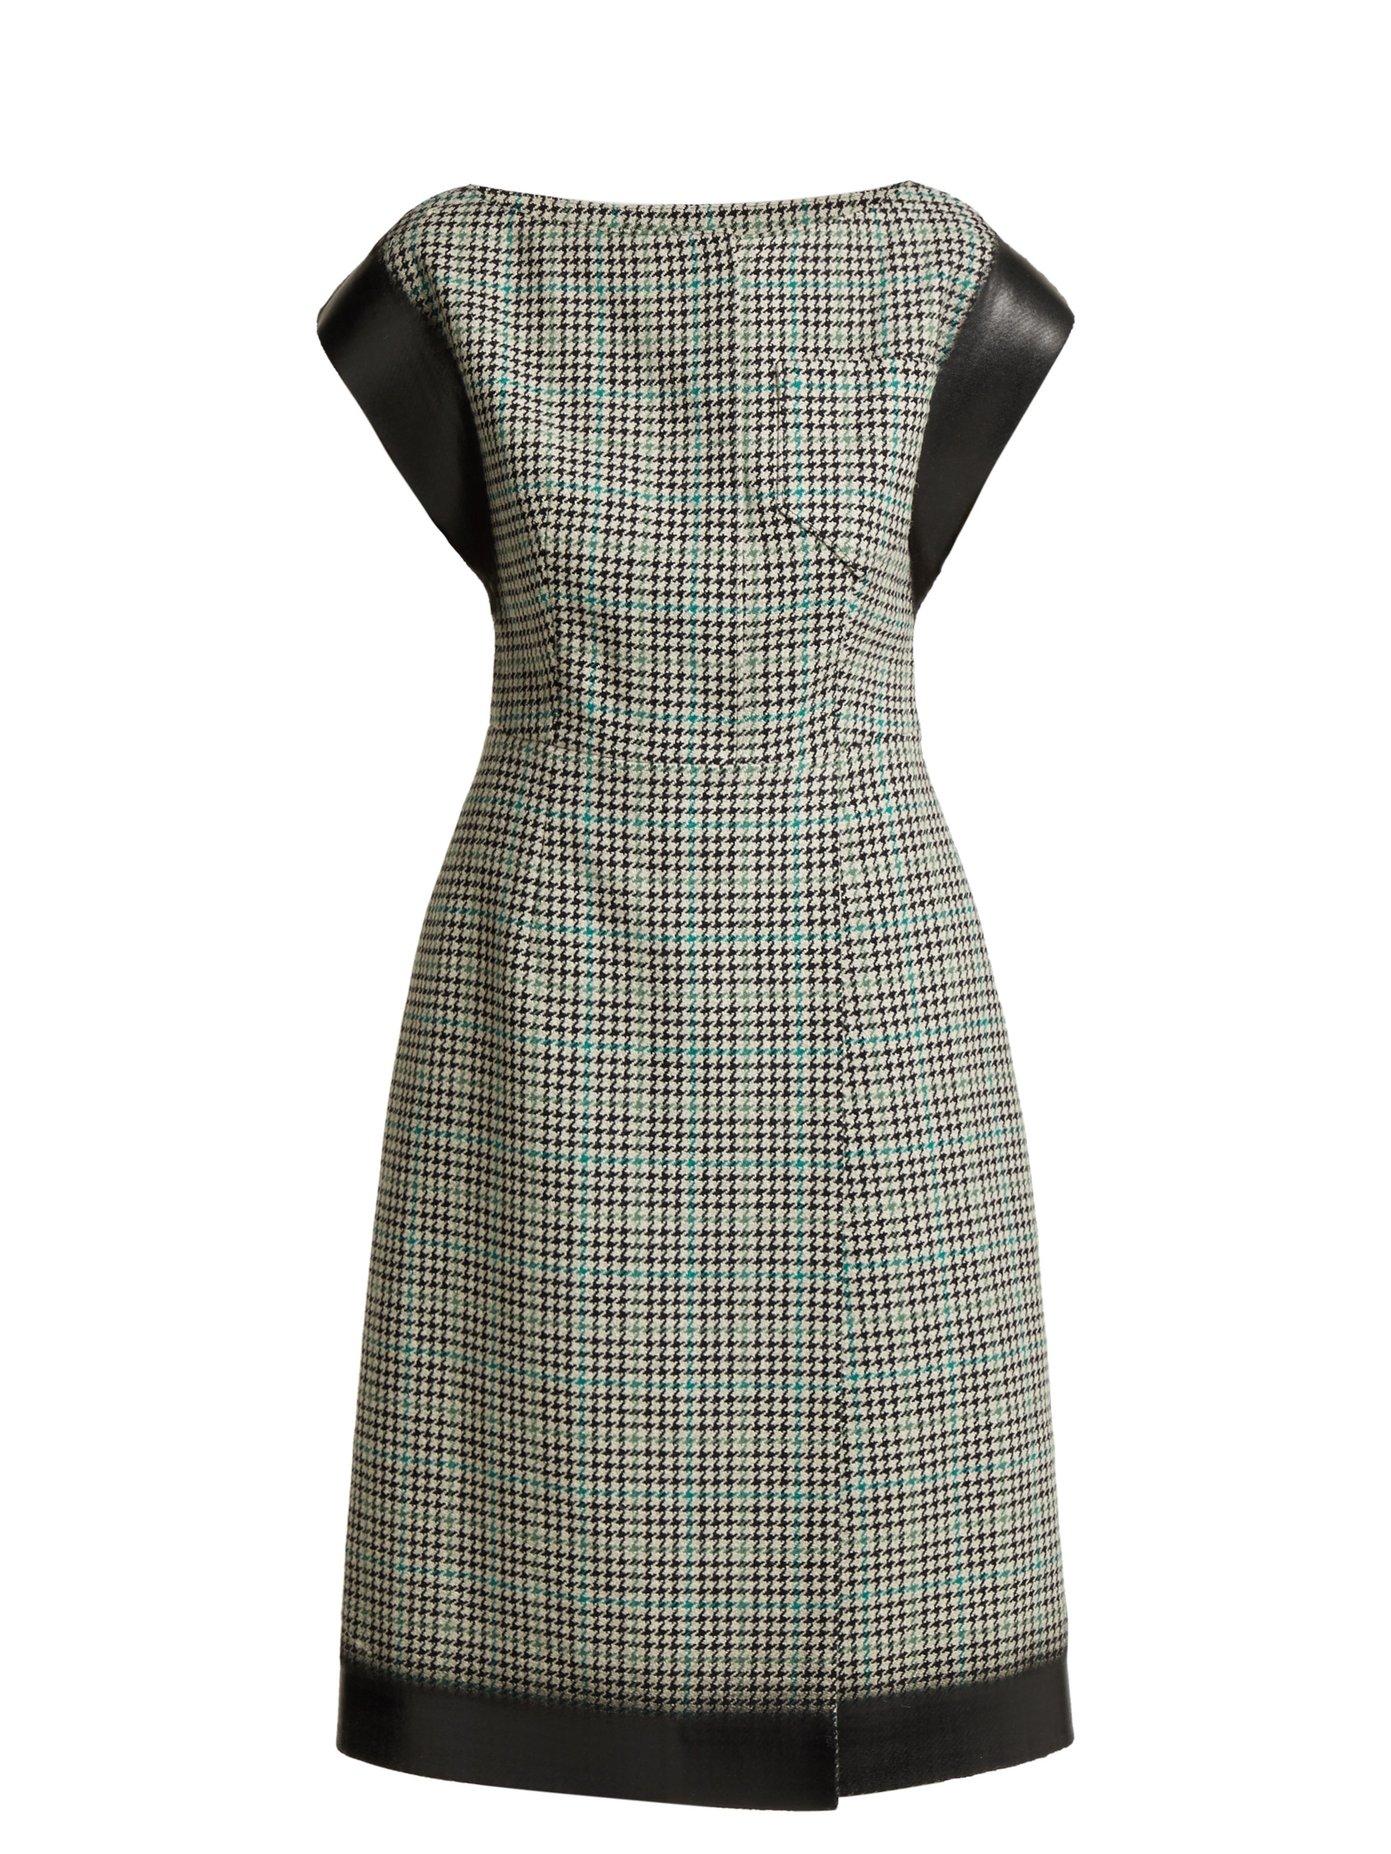 Vestido Prada - Houndstooth de lana